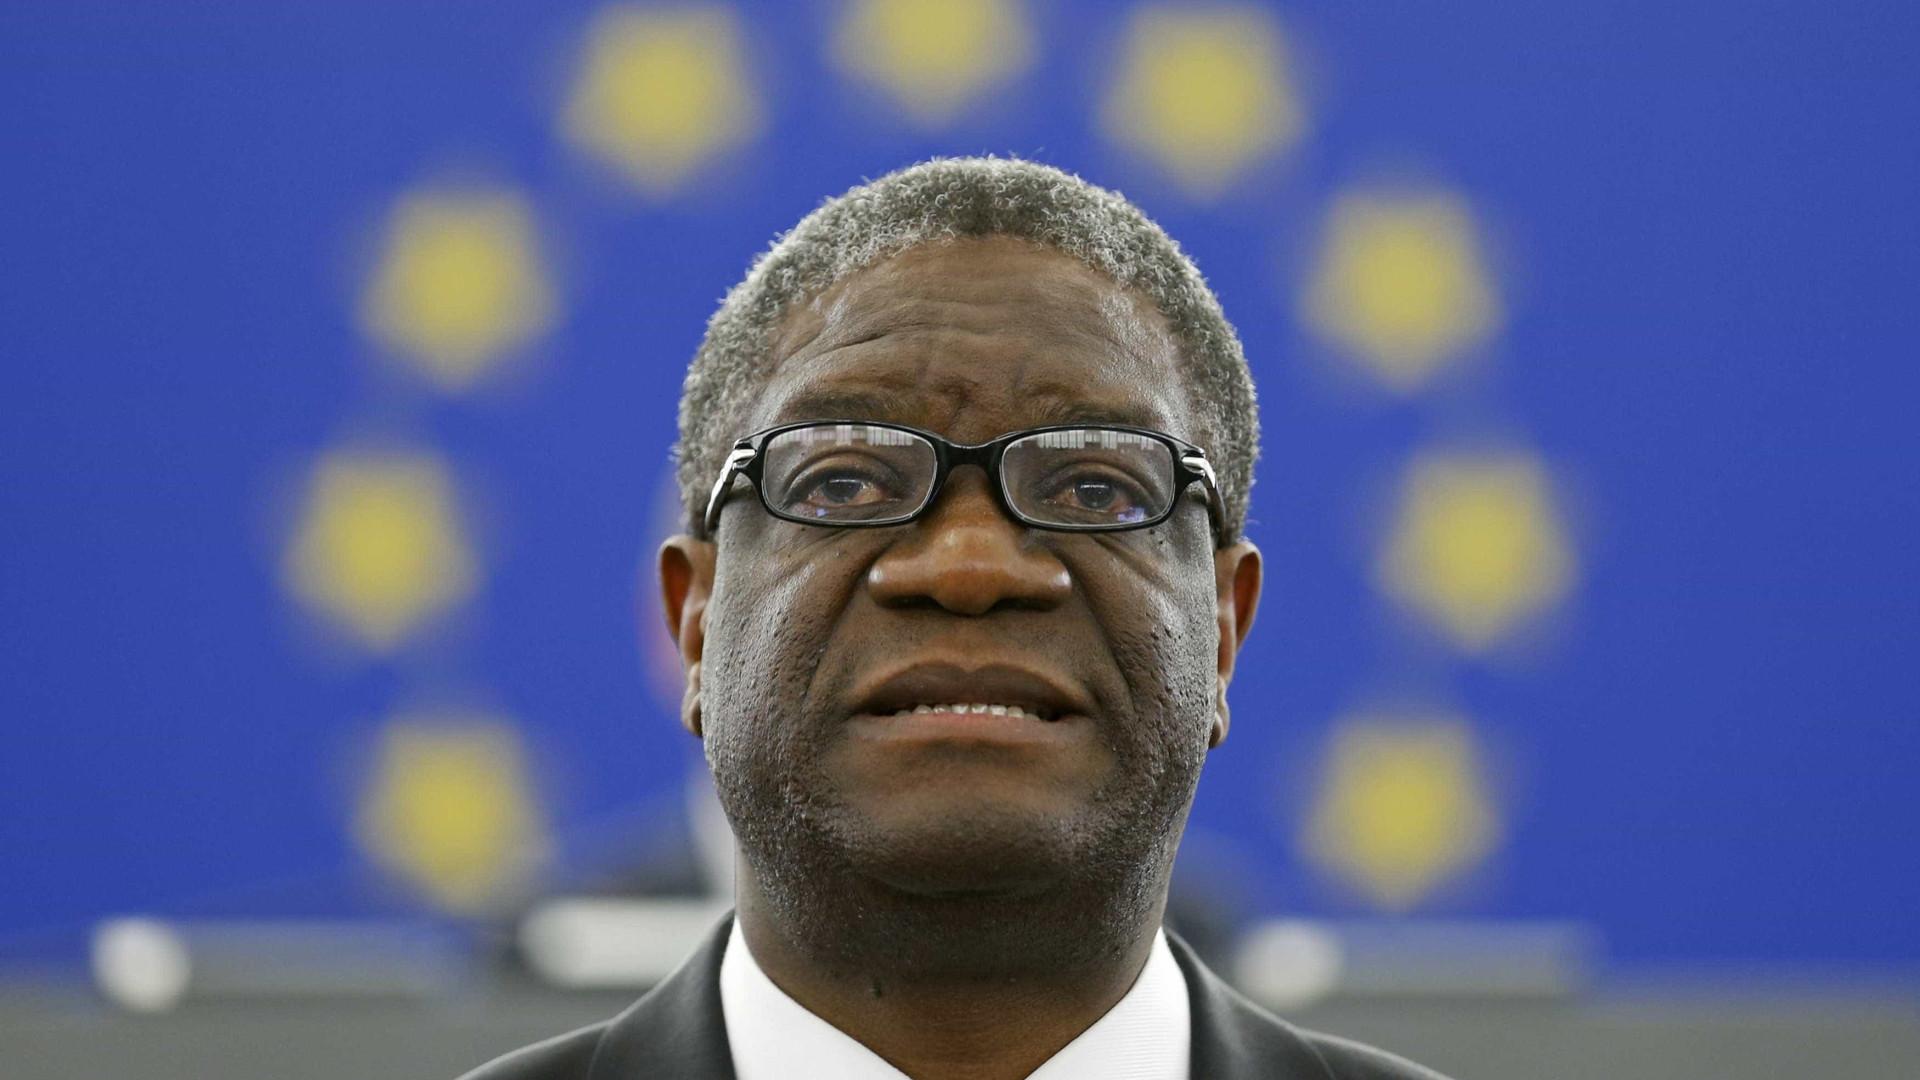 """Ginecologista congolês critica """"metástase da violência"""" na RD Congo"""